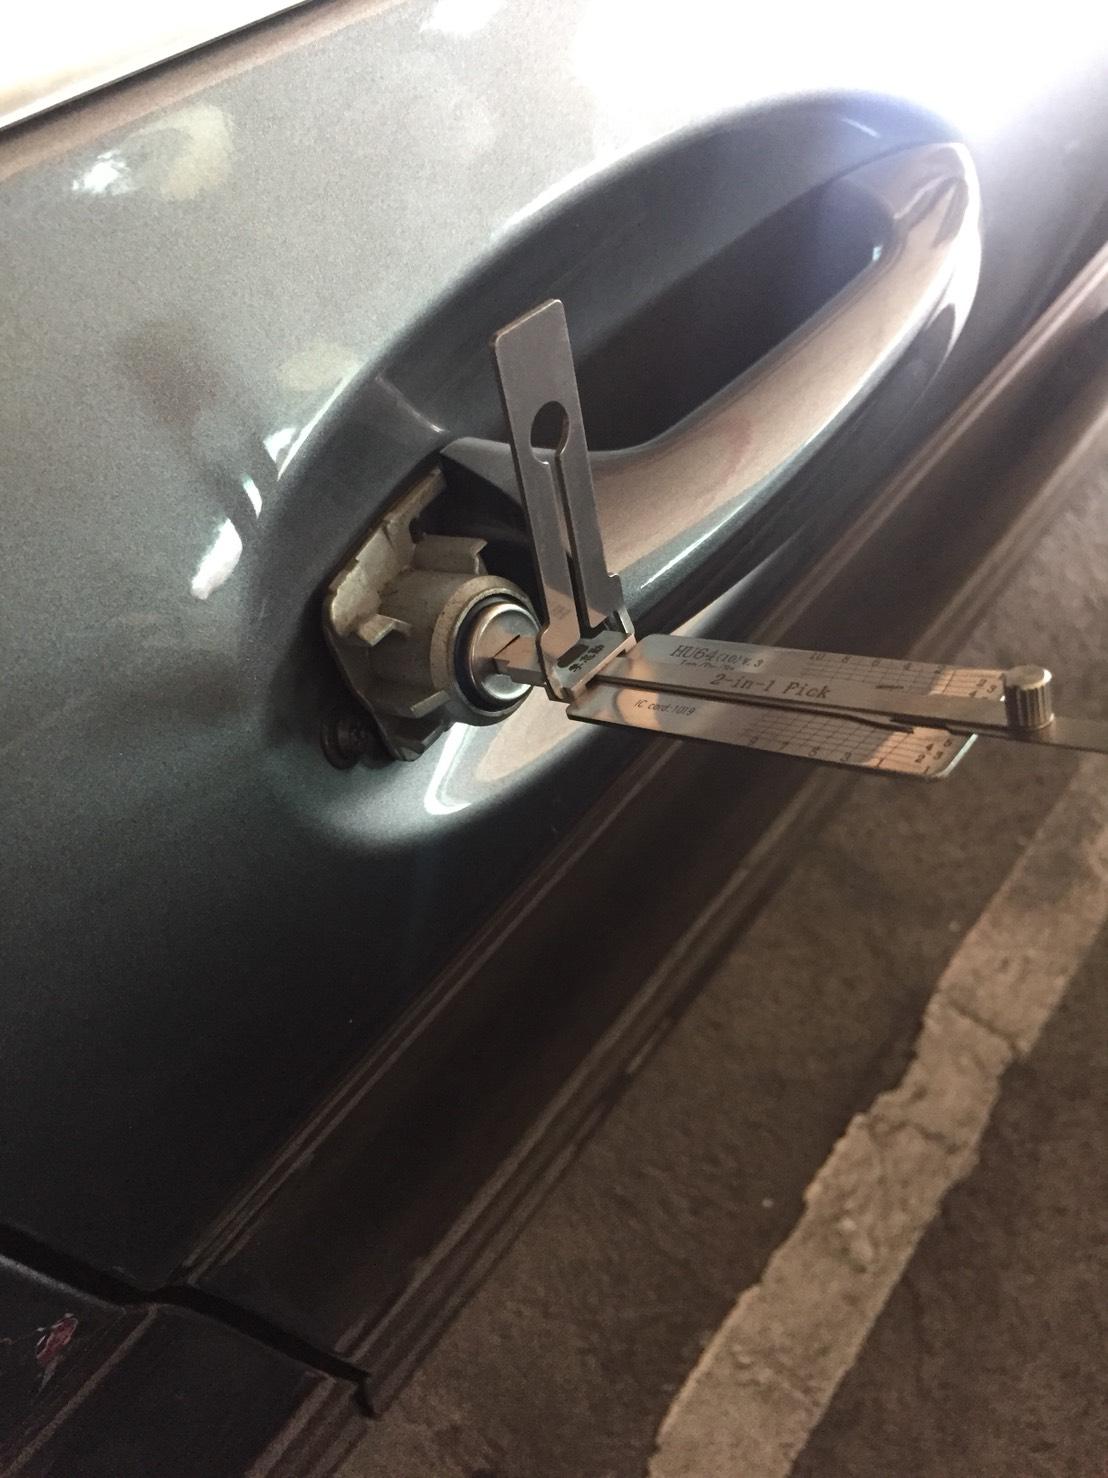 ช่างเปิดกุญแจบางแค ช่างเปิดกุญแจพระราม2 ช่างเปิดกุญแจเพชรเกษม